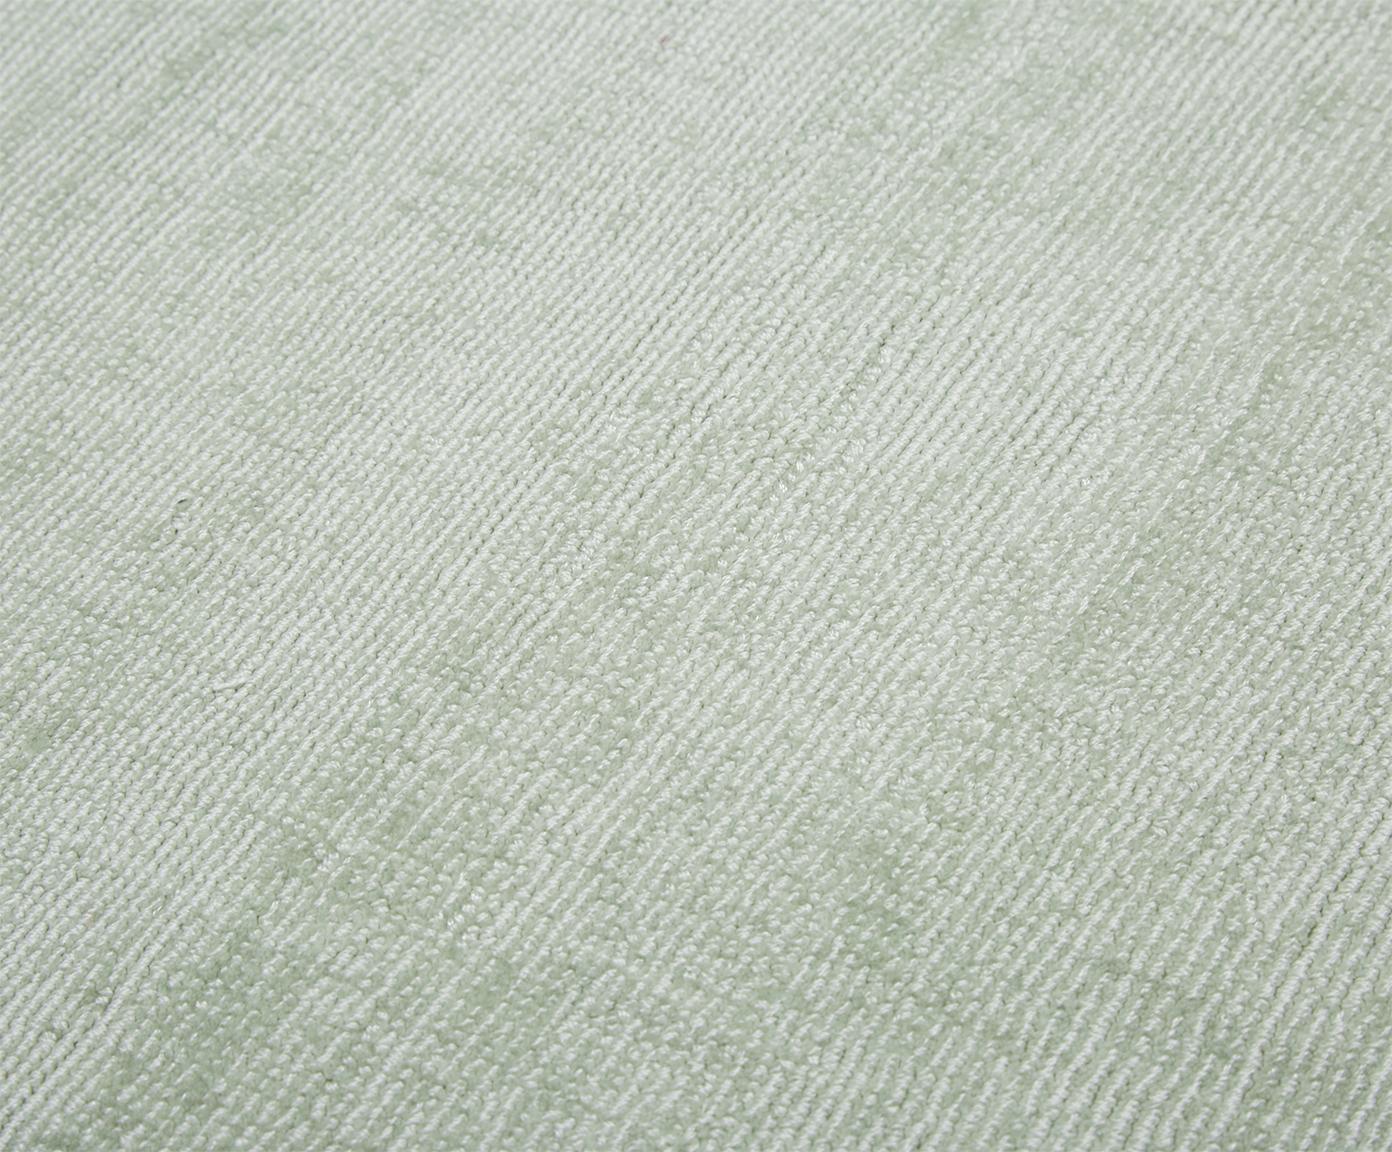 Handgeweven viscose vloerkleed Jane, Bovenzijde: 100% viscose, Onderzijde: 100% katoen, Mintgroen, 160 x 230 cm